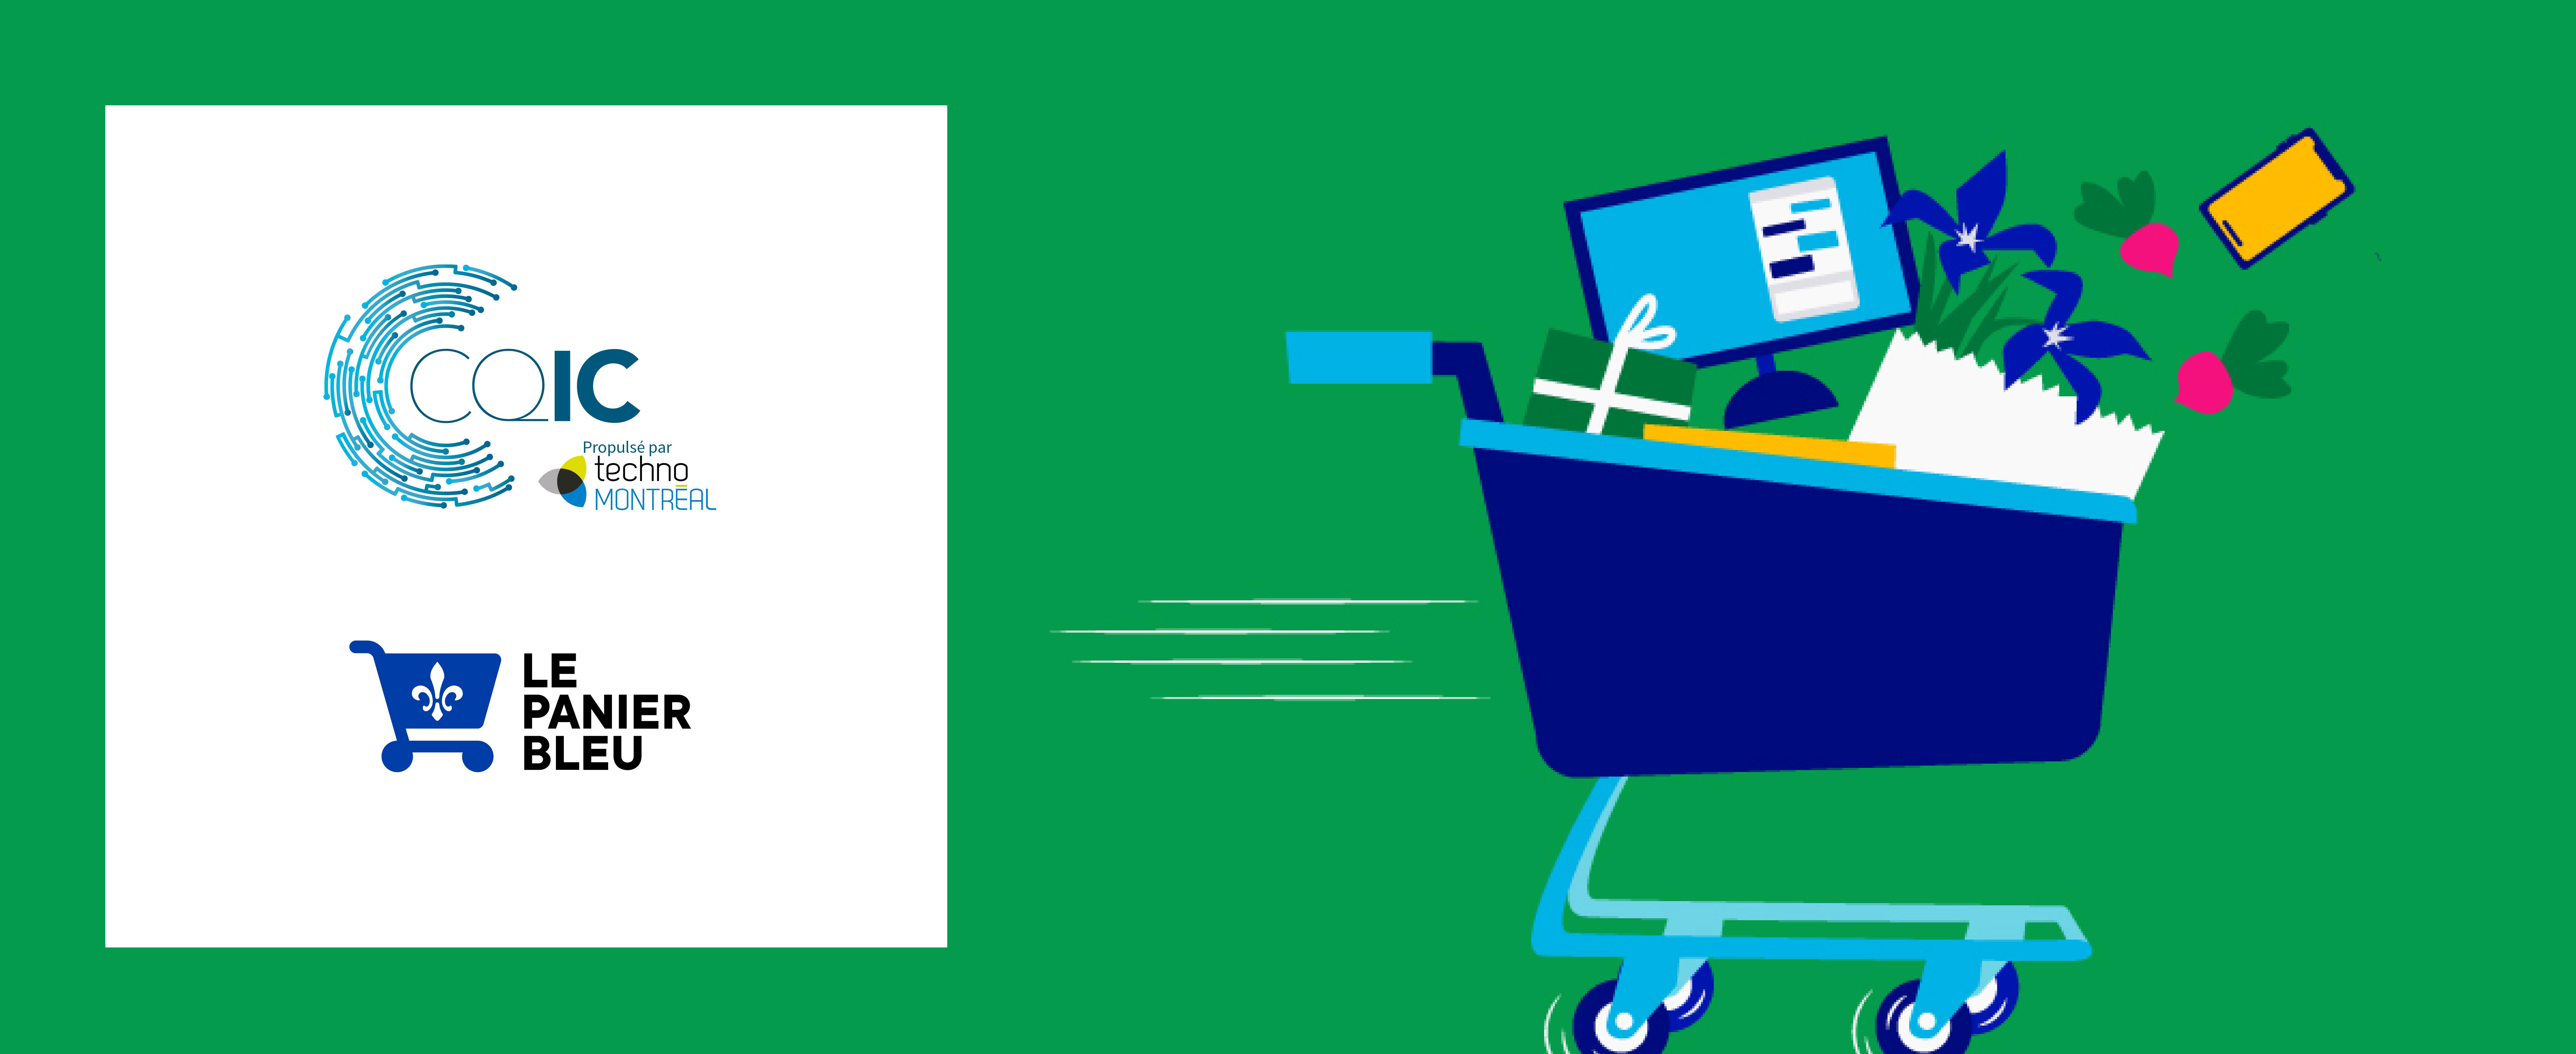 Le Panier Bleu et le CQIC lancent un guide de digitalisation du parcours client!